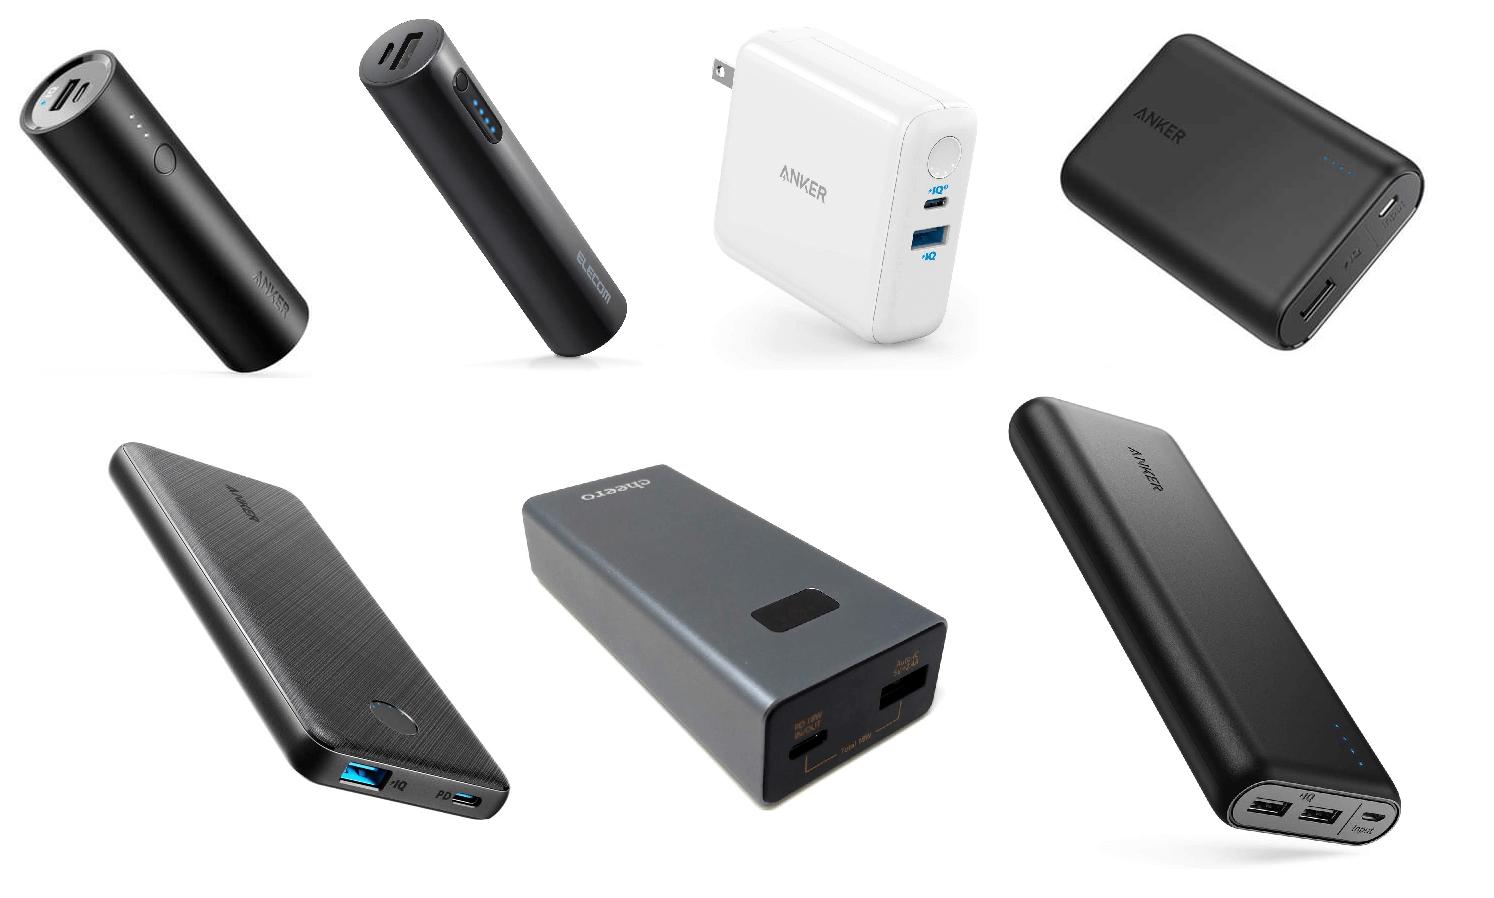 [最新] モバイルバッテリーの容量別おすすめ12機種を一覧比較!軽い・大容量・ハイパワーな一台の選び方